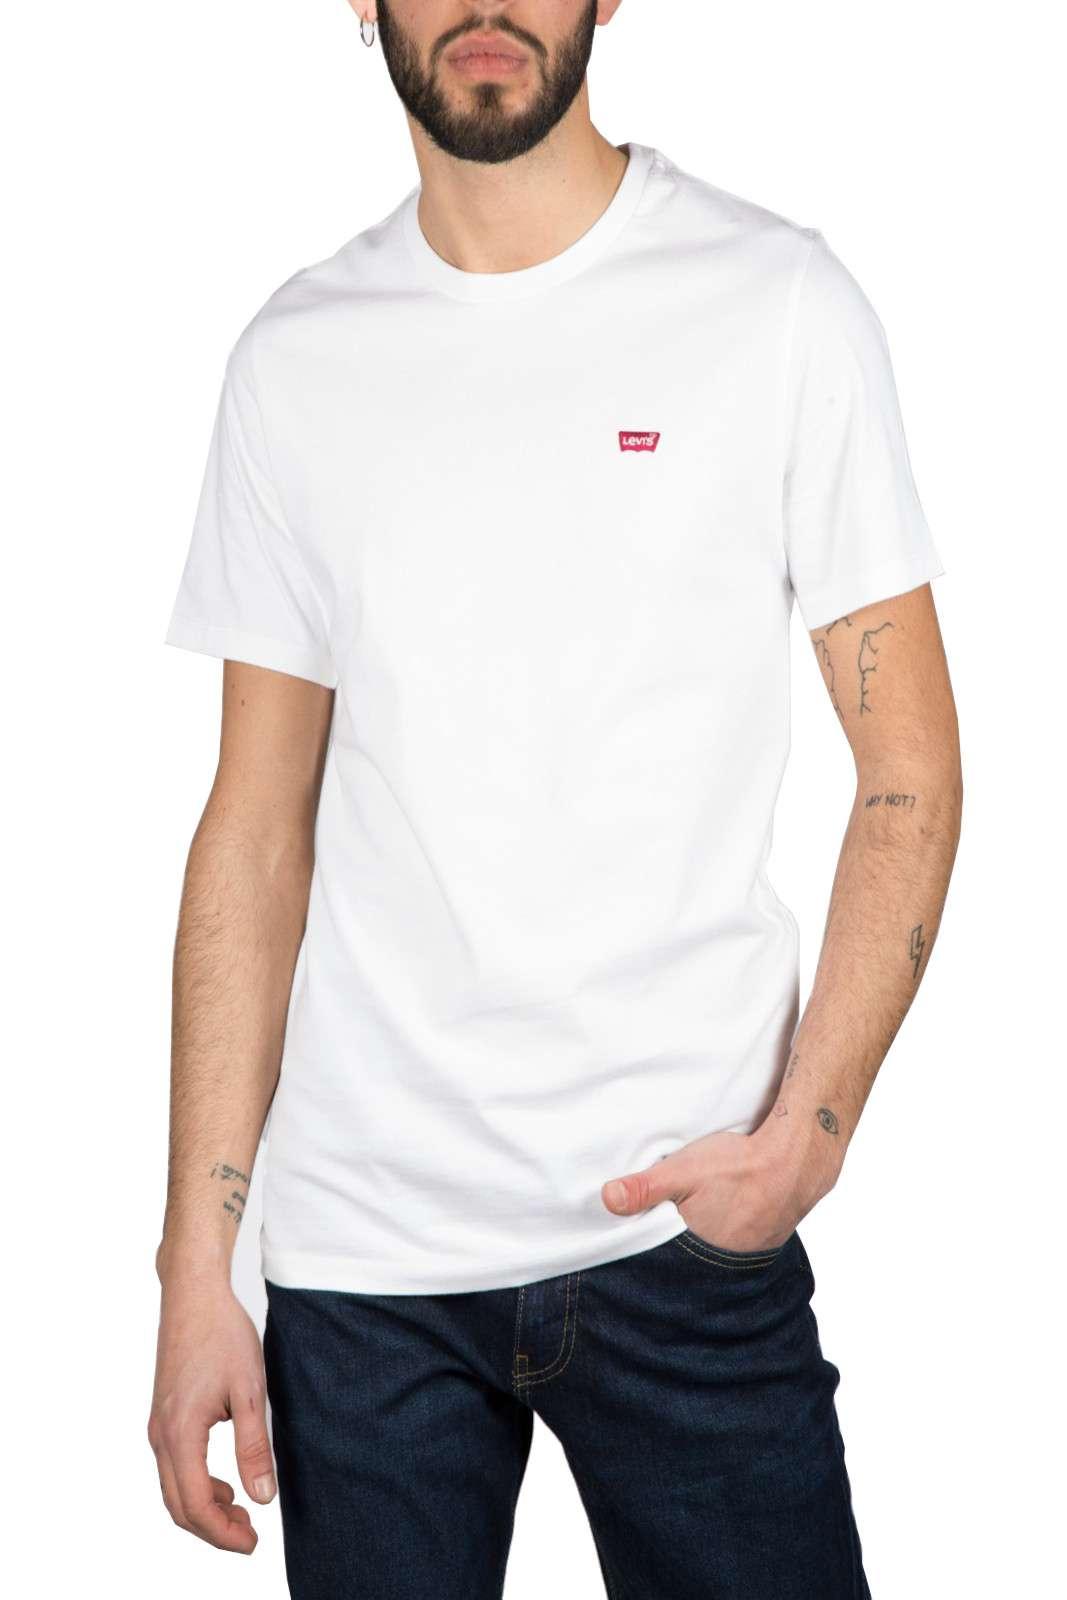 Minimal ed iconica la T shirt proposta per la collezione primavera estate di Levi's. Da indossare con i look più informali prende carattere sia con un bermuda che con un jeans. Un capo essenziale della bella stagione per unire stile e comodità.